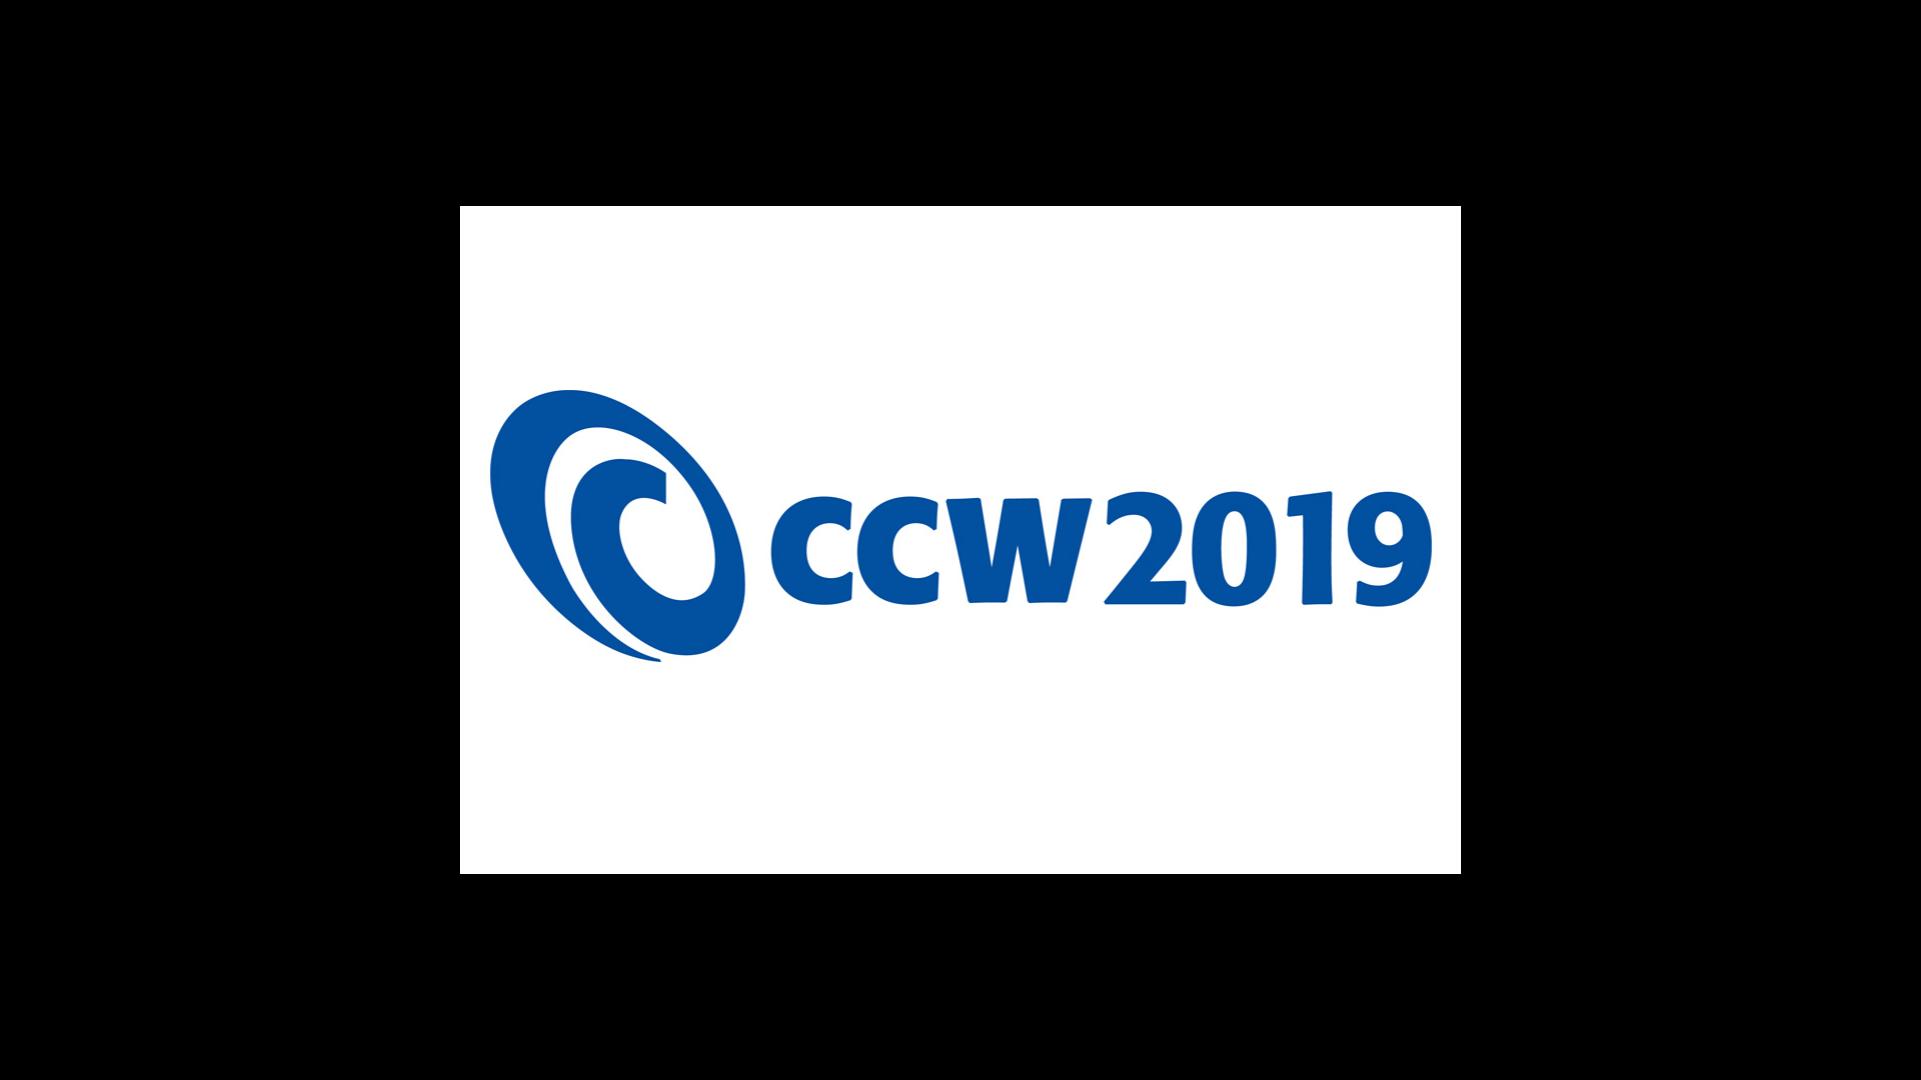 event-logo-ccw-2019